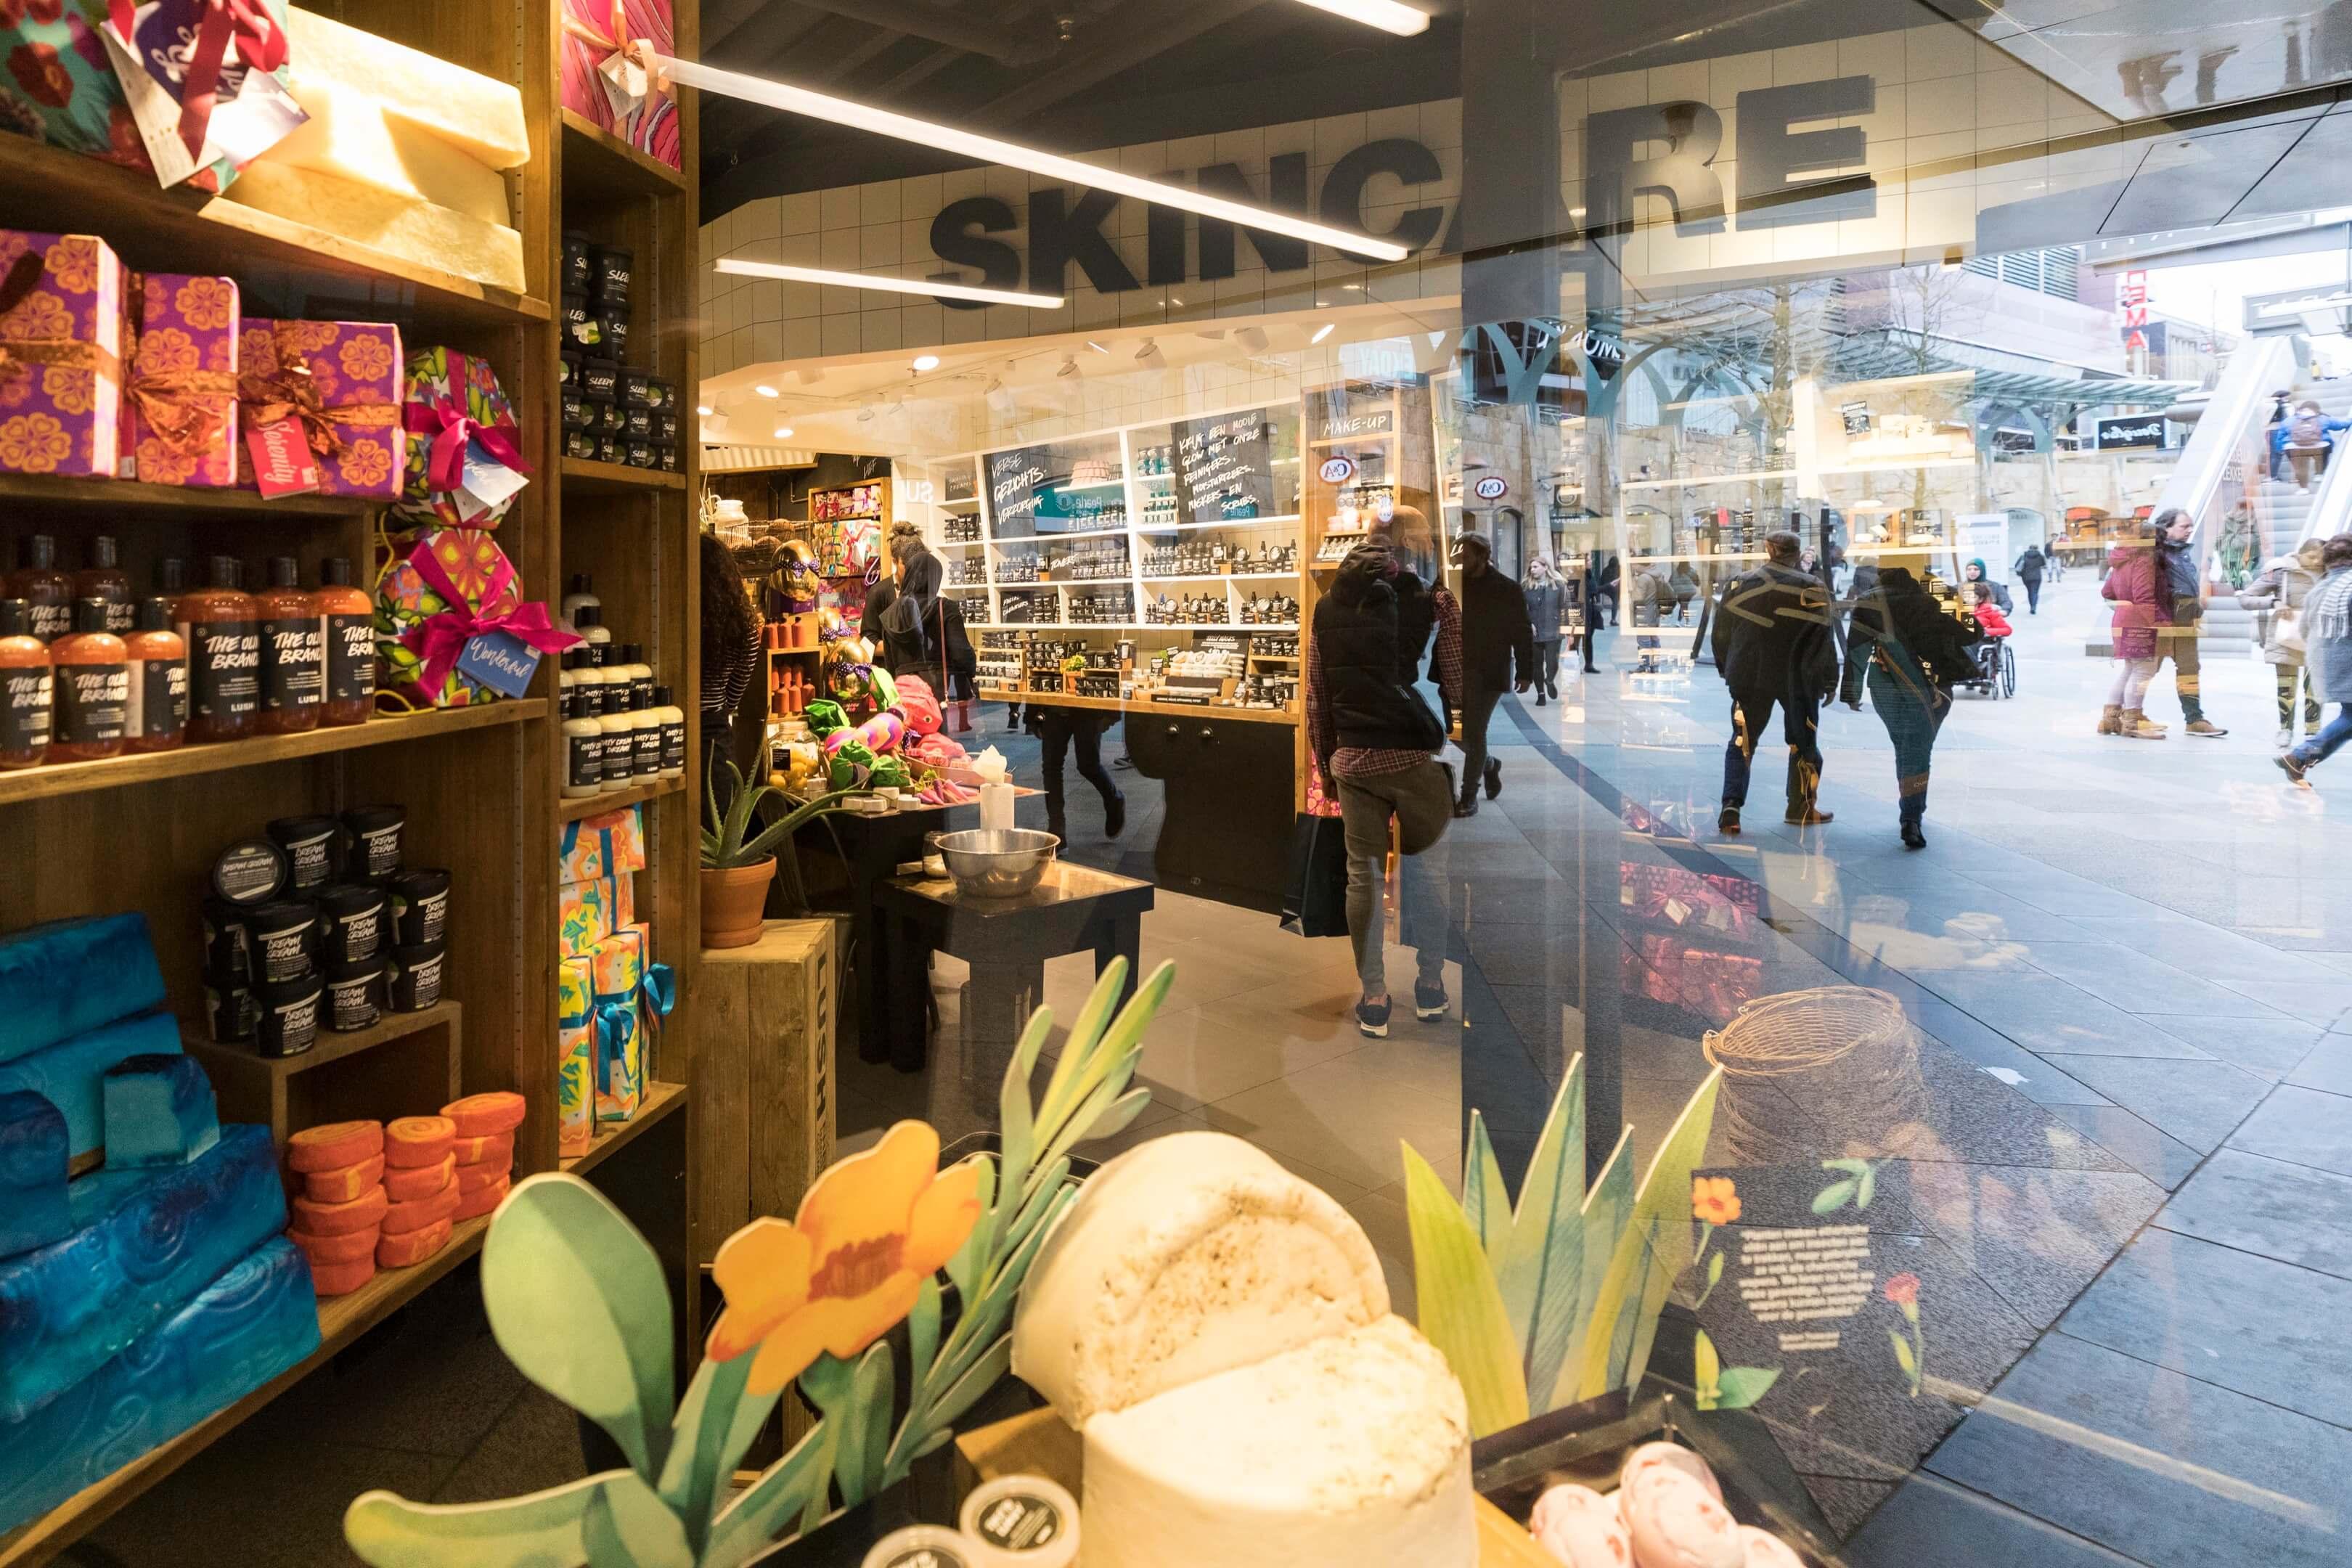 boek Circles of retail Boom beroepsonderwijs Sarphati Jurjen Poeles fotografie reportage retailconcept winkel shopping winkelen winkelruit Lush Koopgoot Rotterdam